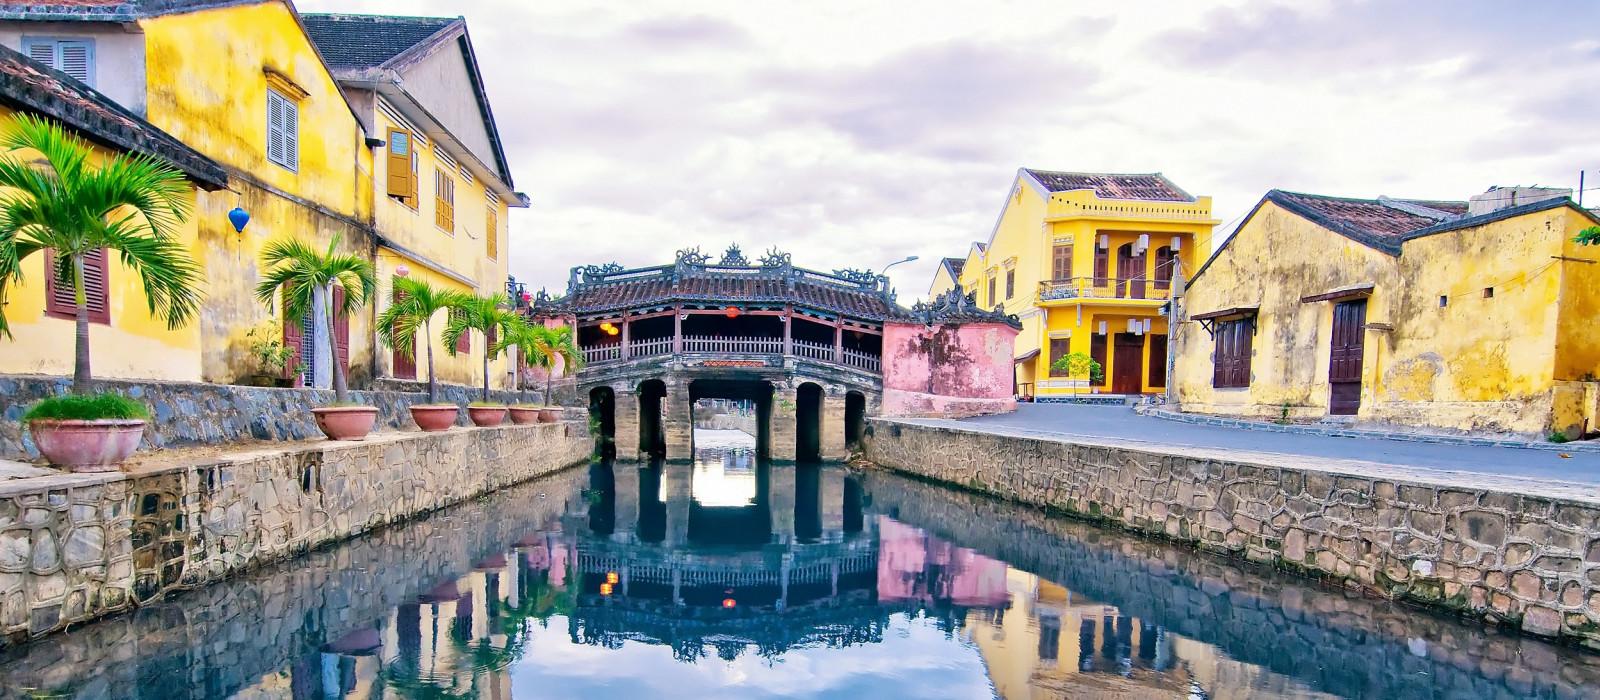 Hotel Aira Boutique Hoi An  Vietnam